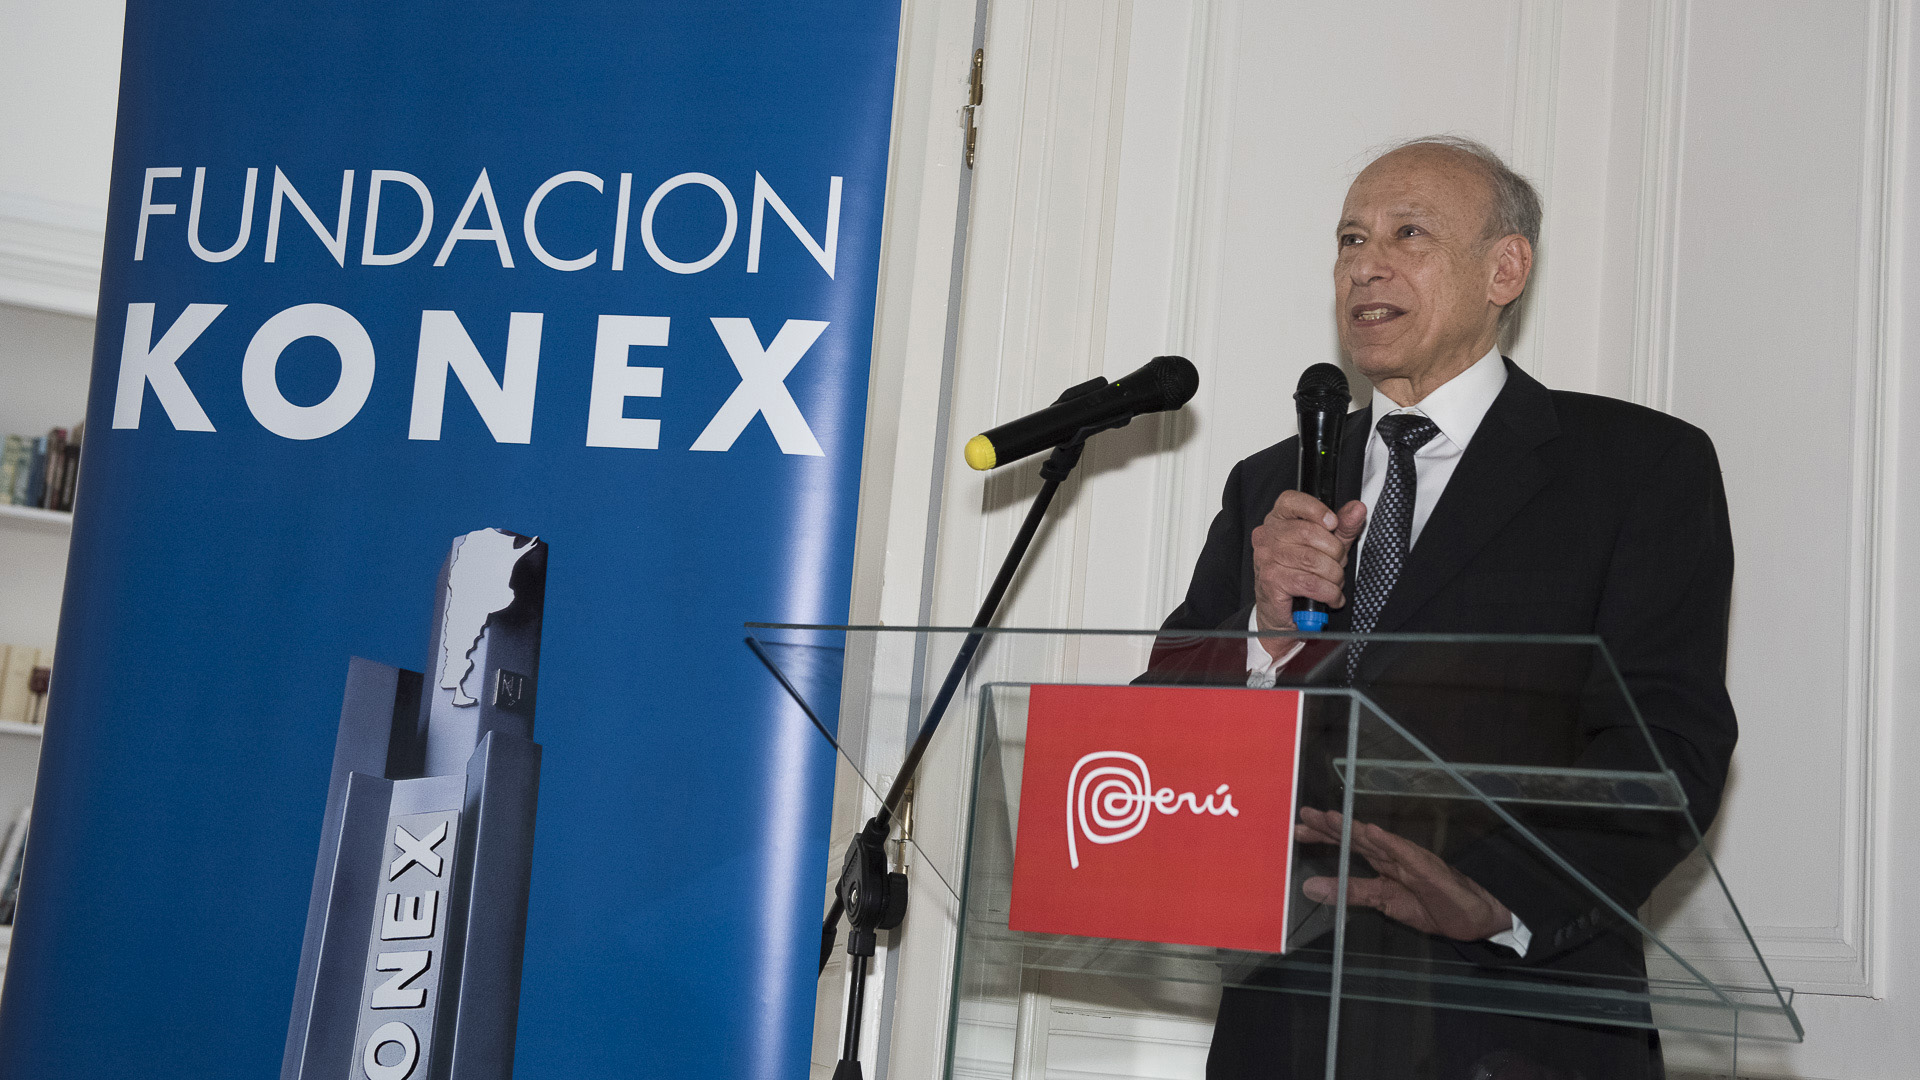 El presidente de la Fundación Konex, Luis Ovsejevich, durante la recepción en la Residencia de la embajada del Perú, en honor a los ganadores del Premio Konex